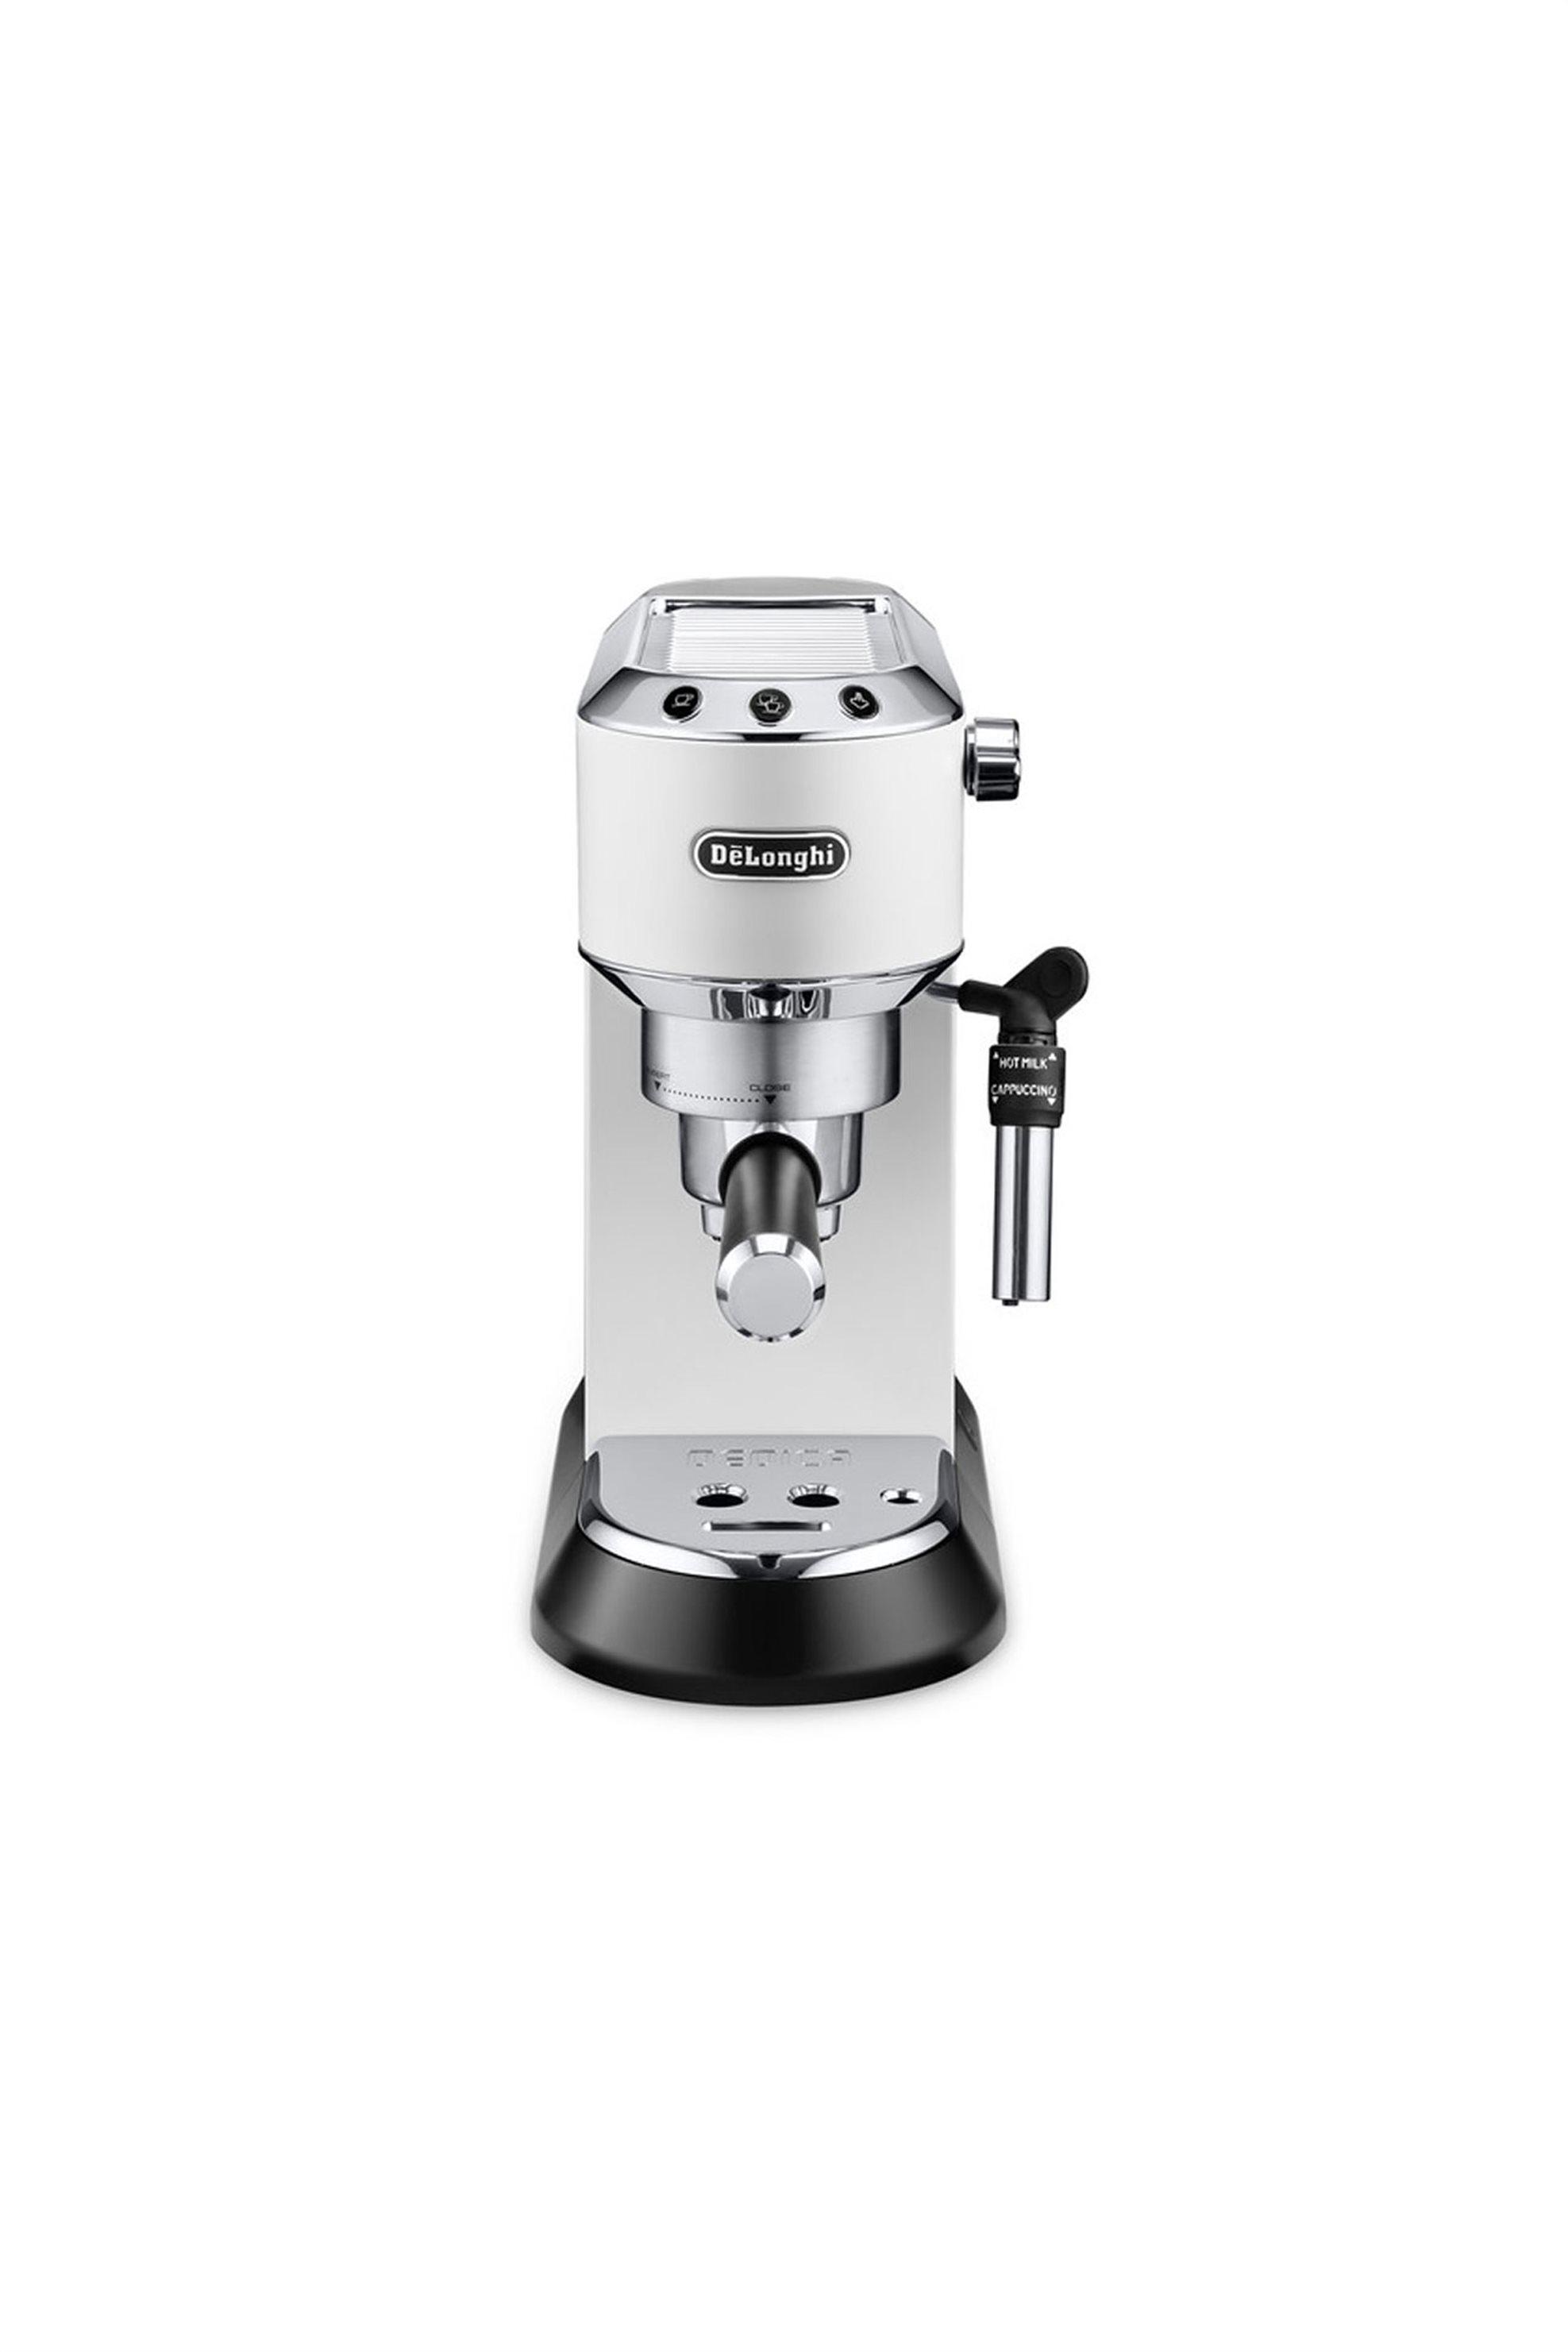 Μηχανή espresso capuccino EC 685.W De'Longhi - 0132106141 home   μικρεσ οικιακεσ συσκευεσ   καφετιέρες   μηχανές espresso